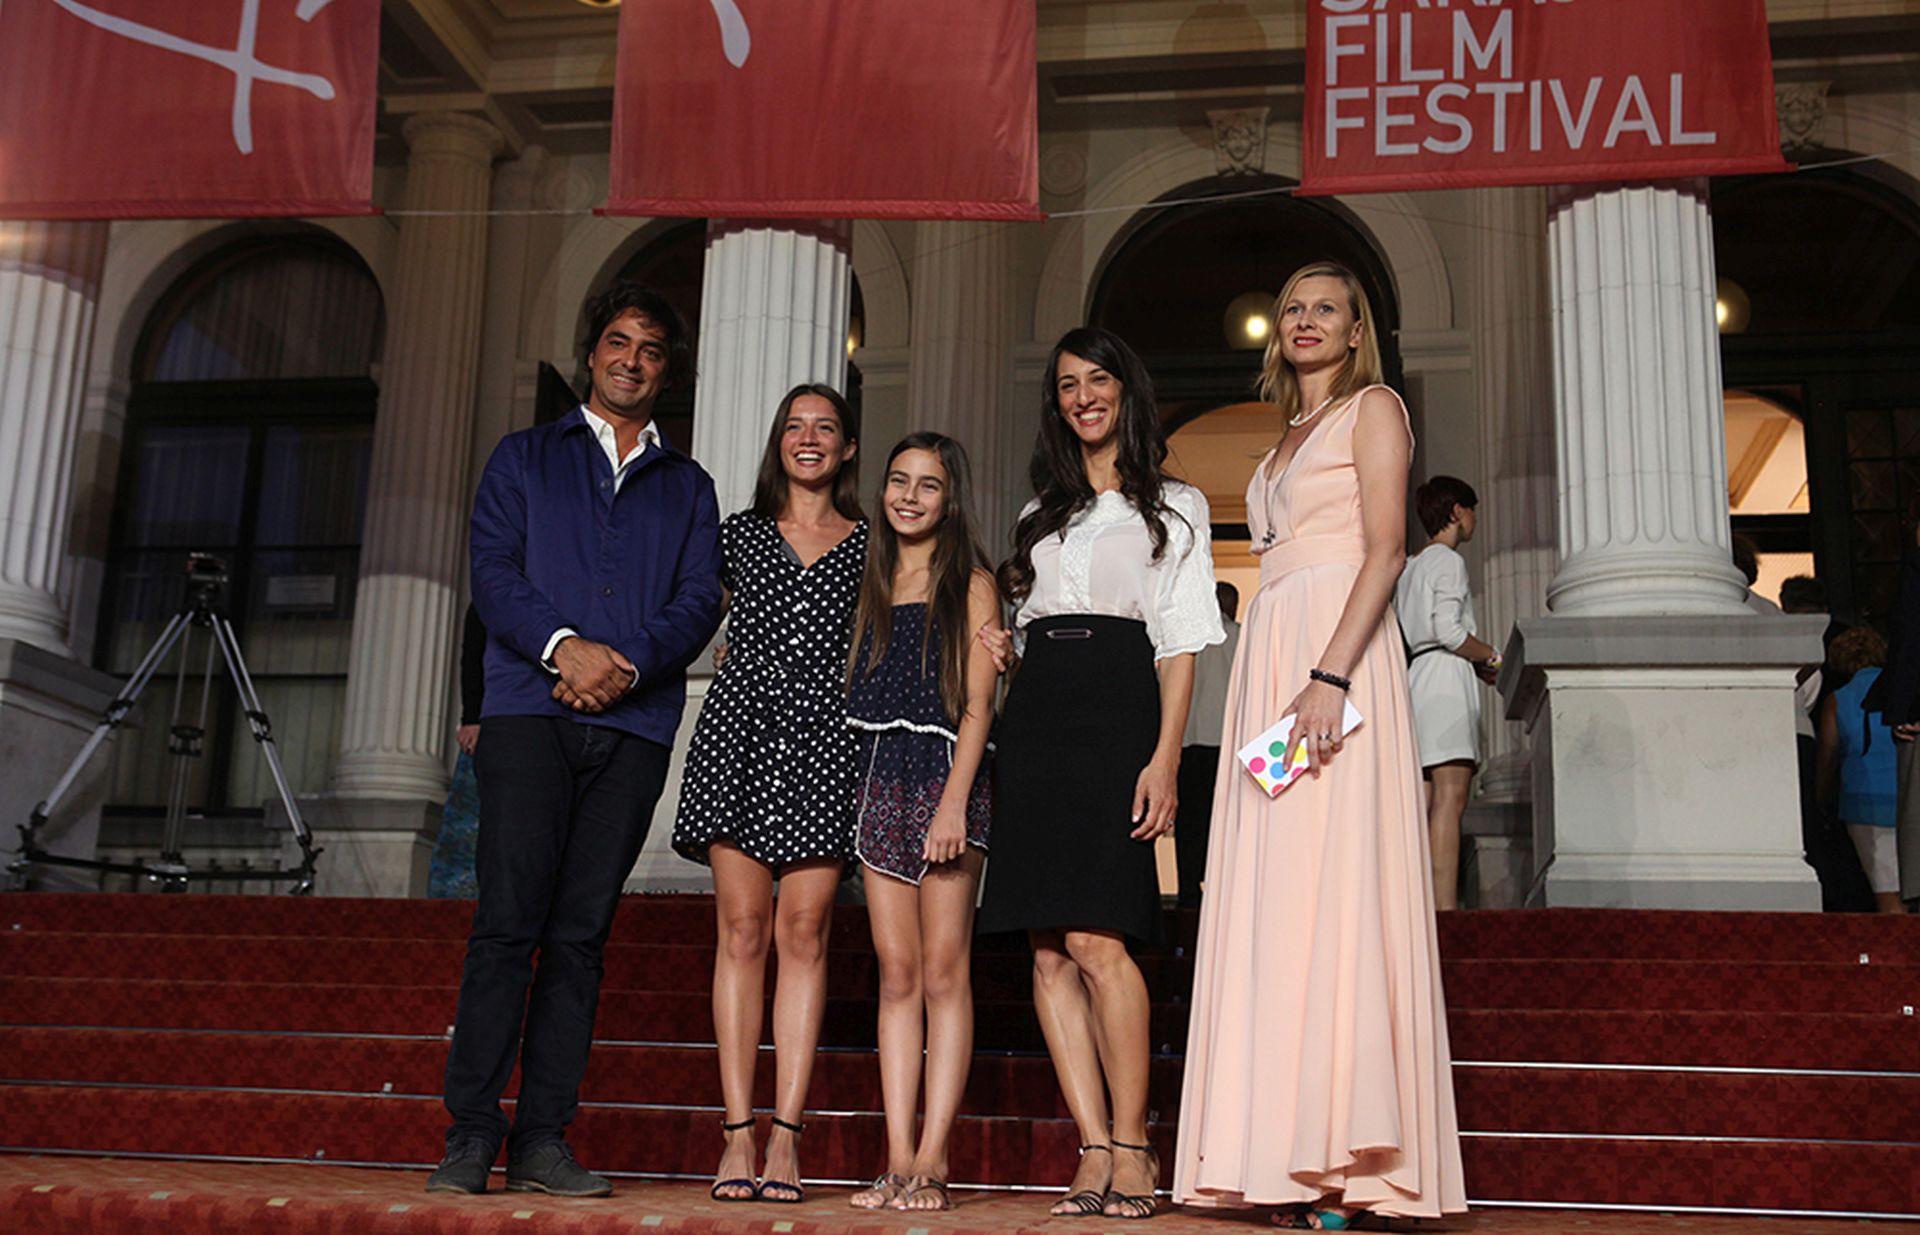 """Turski film """"Mustang"""" pobjednik 21. SFF-a"""